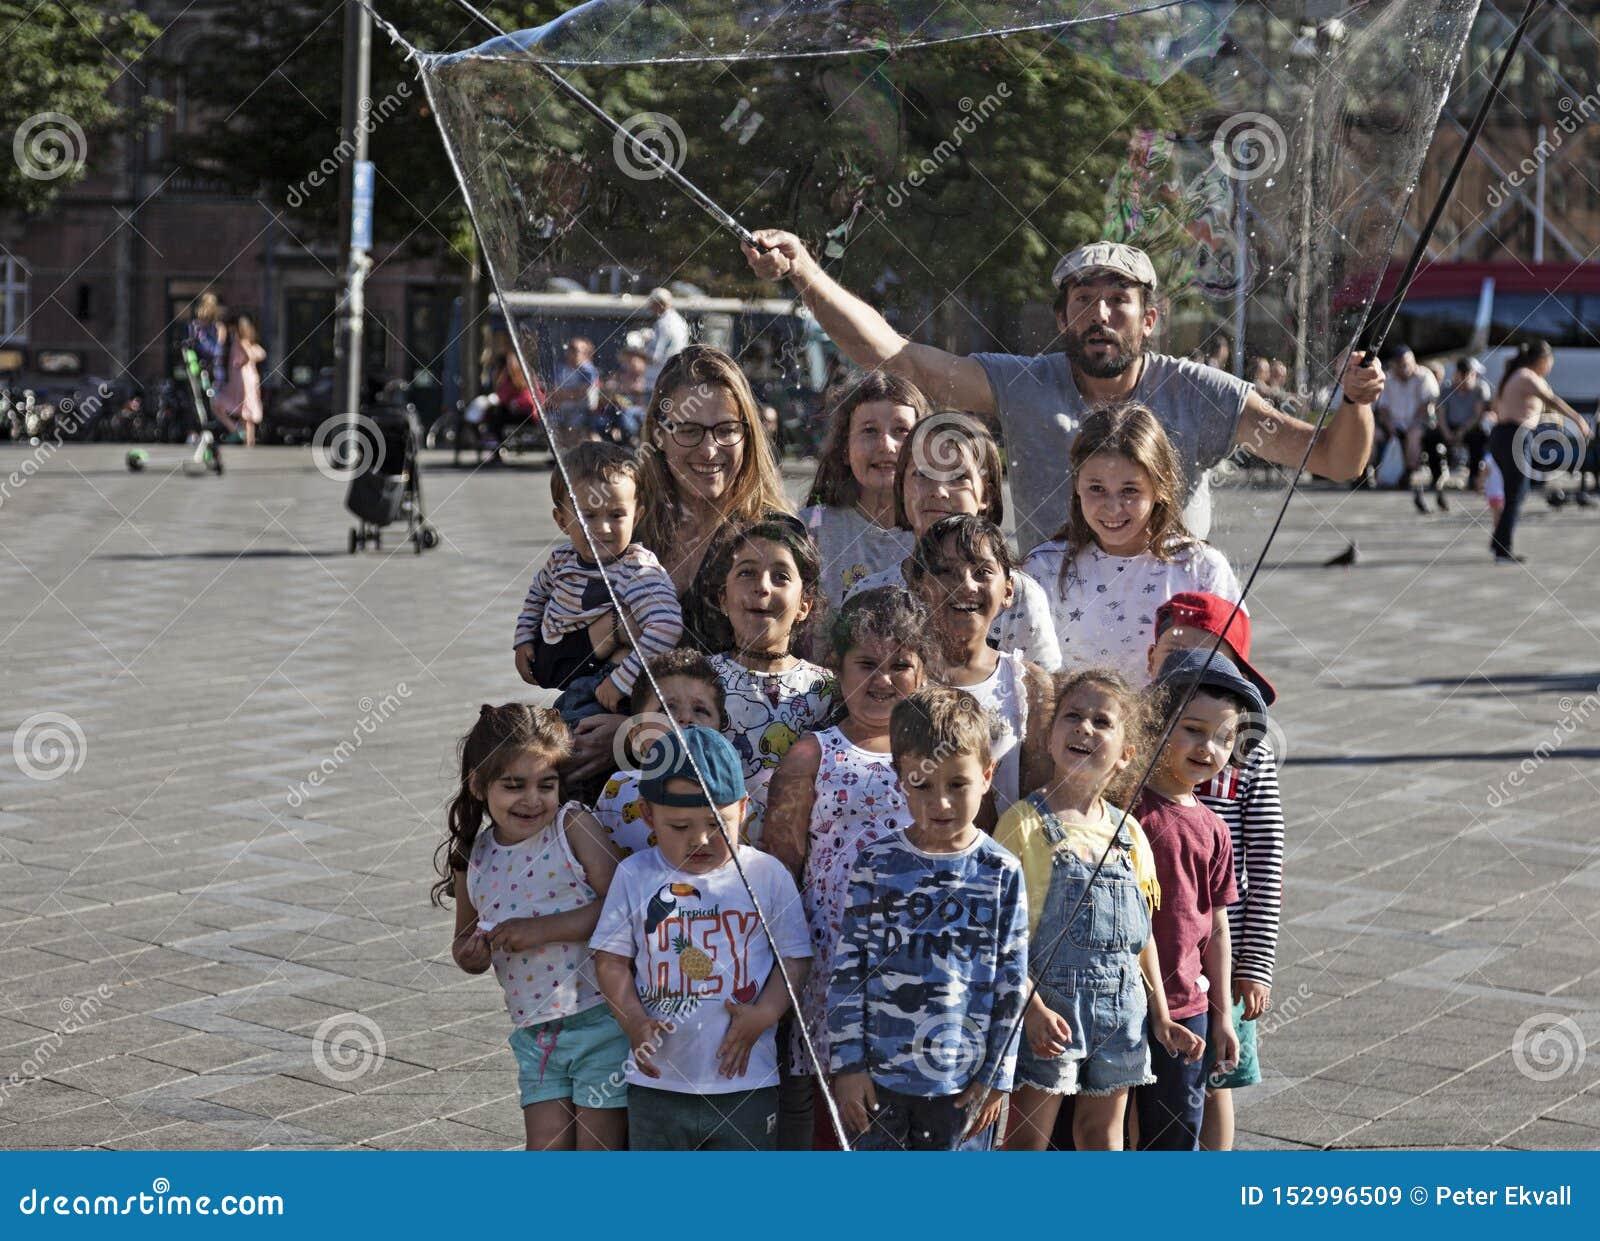 Ein Seifenblasekünstler lässt Kinder durch eine große Blase gefangen werden